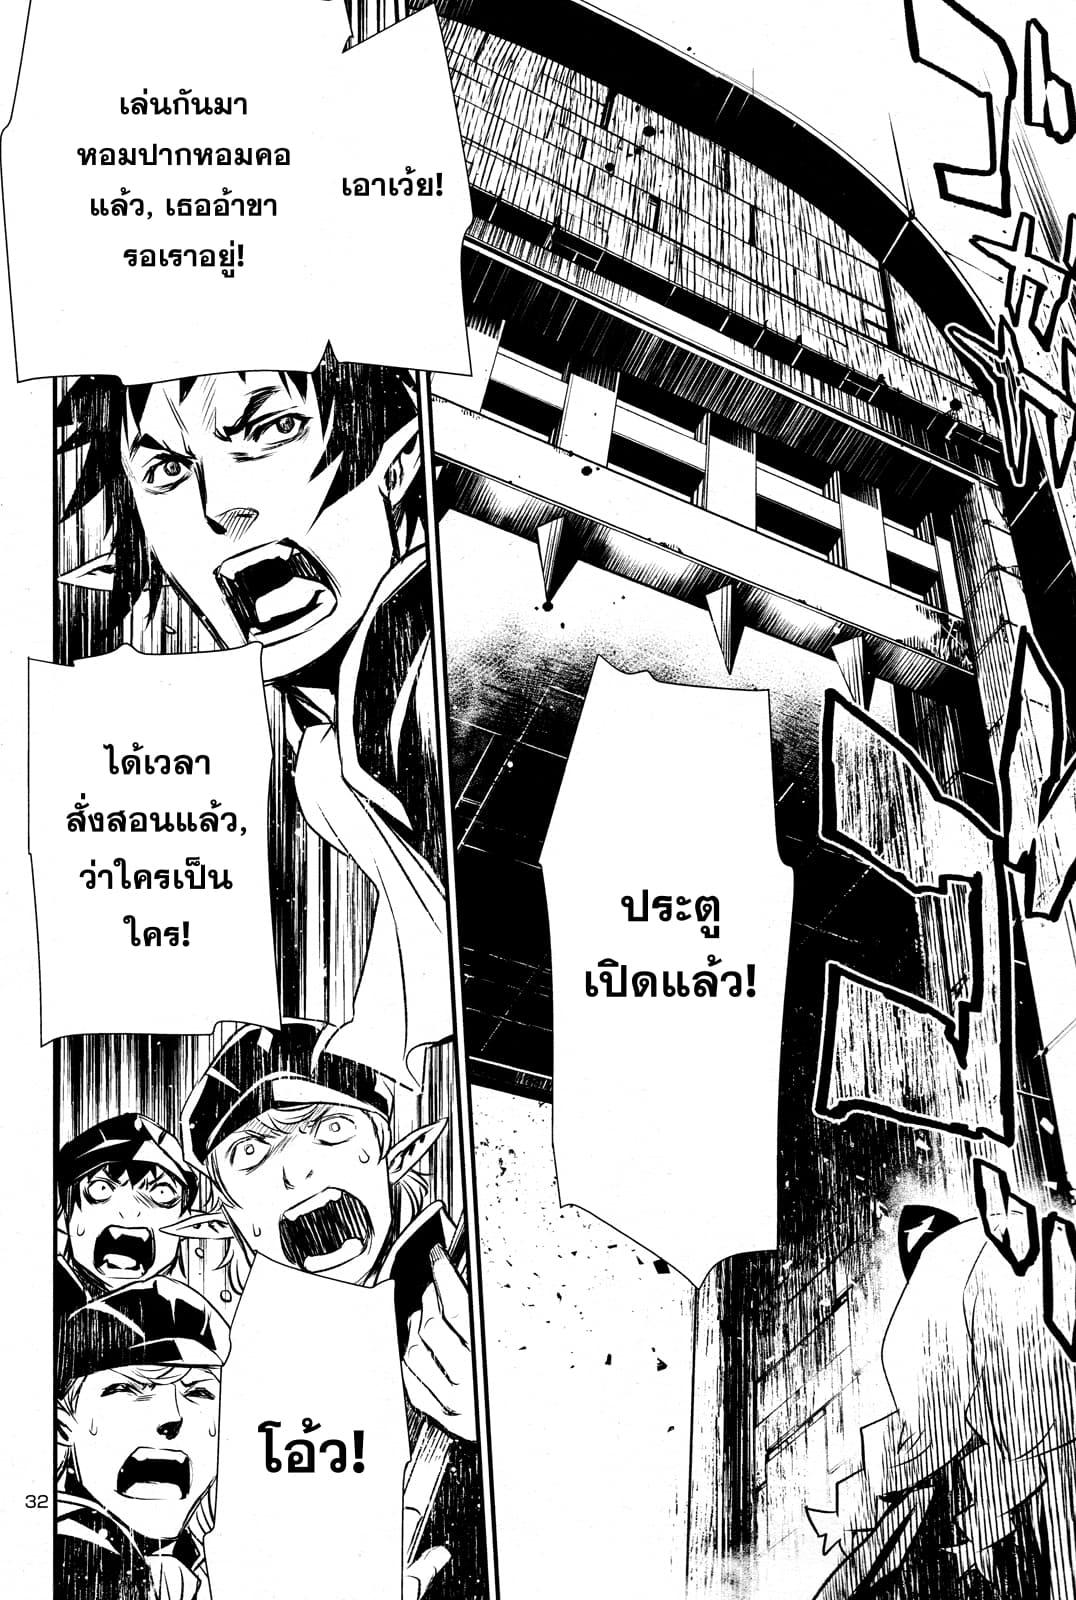 อ่านการ์ตูน Shinju no Nectar ตอนที่ 6 หน้าที่ 32